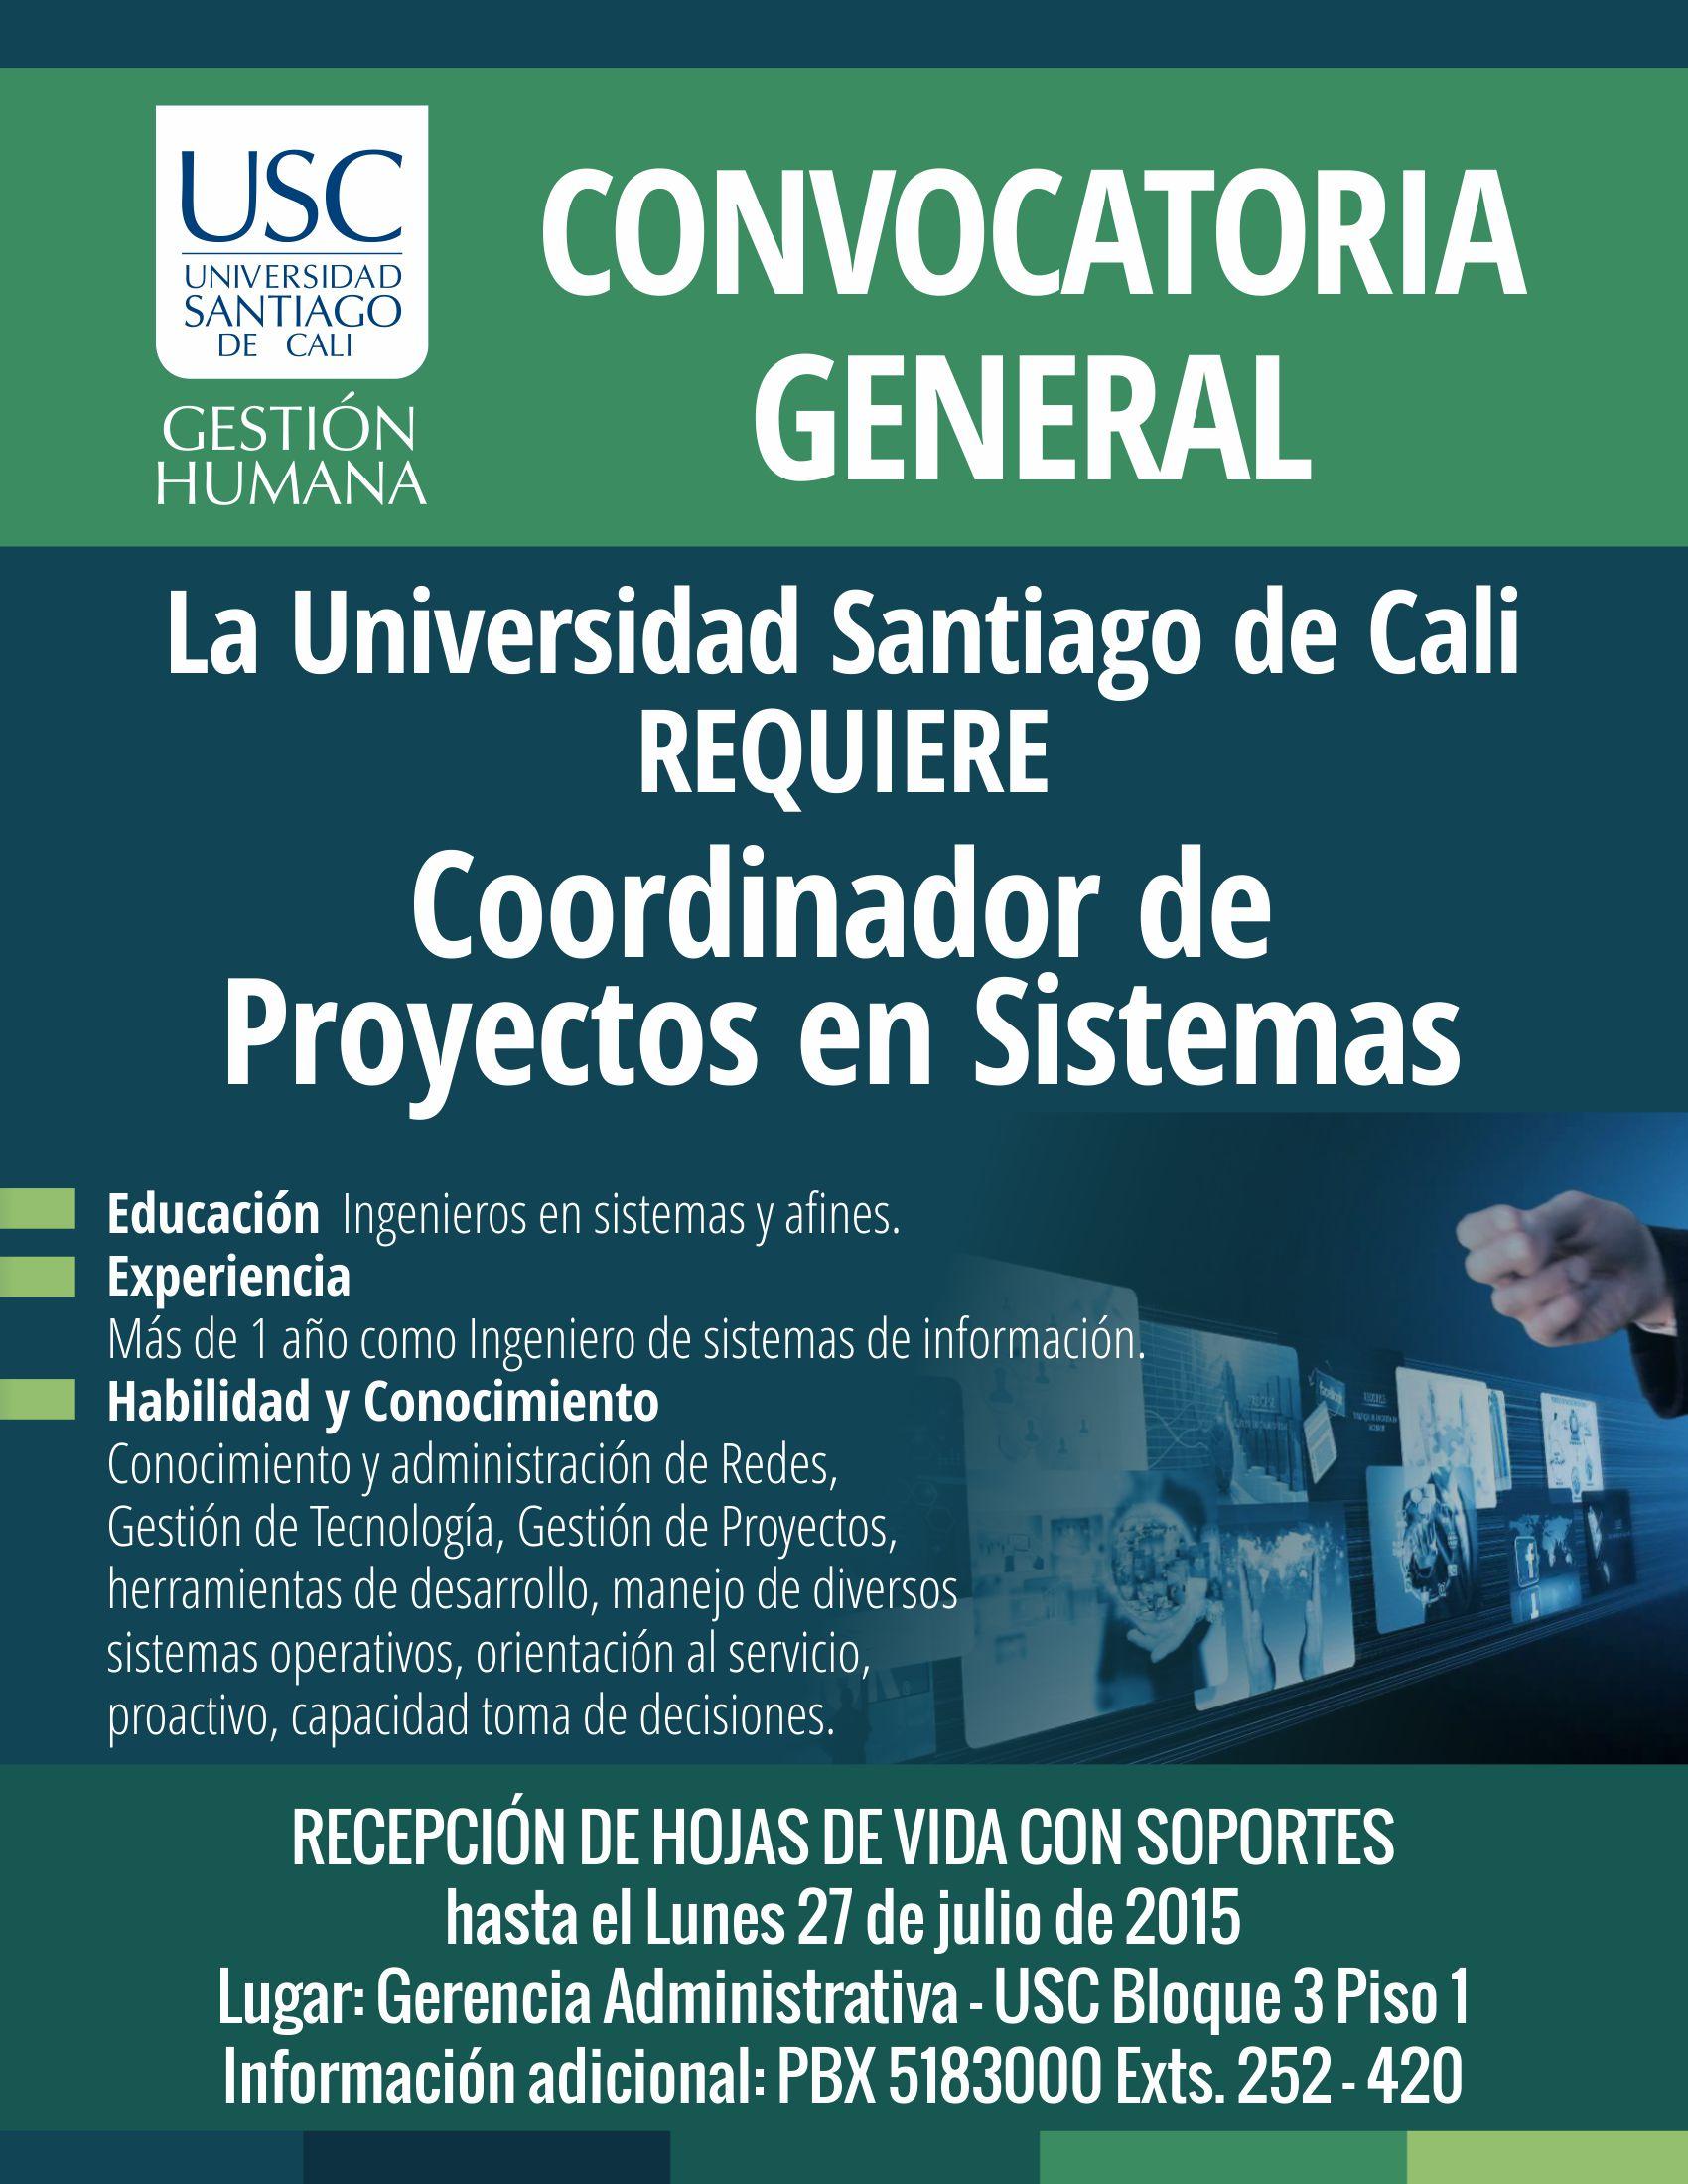 Convocatoria Coordinador De Proyectos En Sistemas